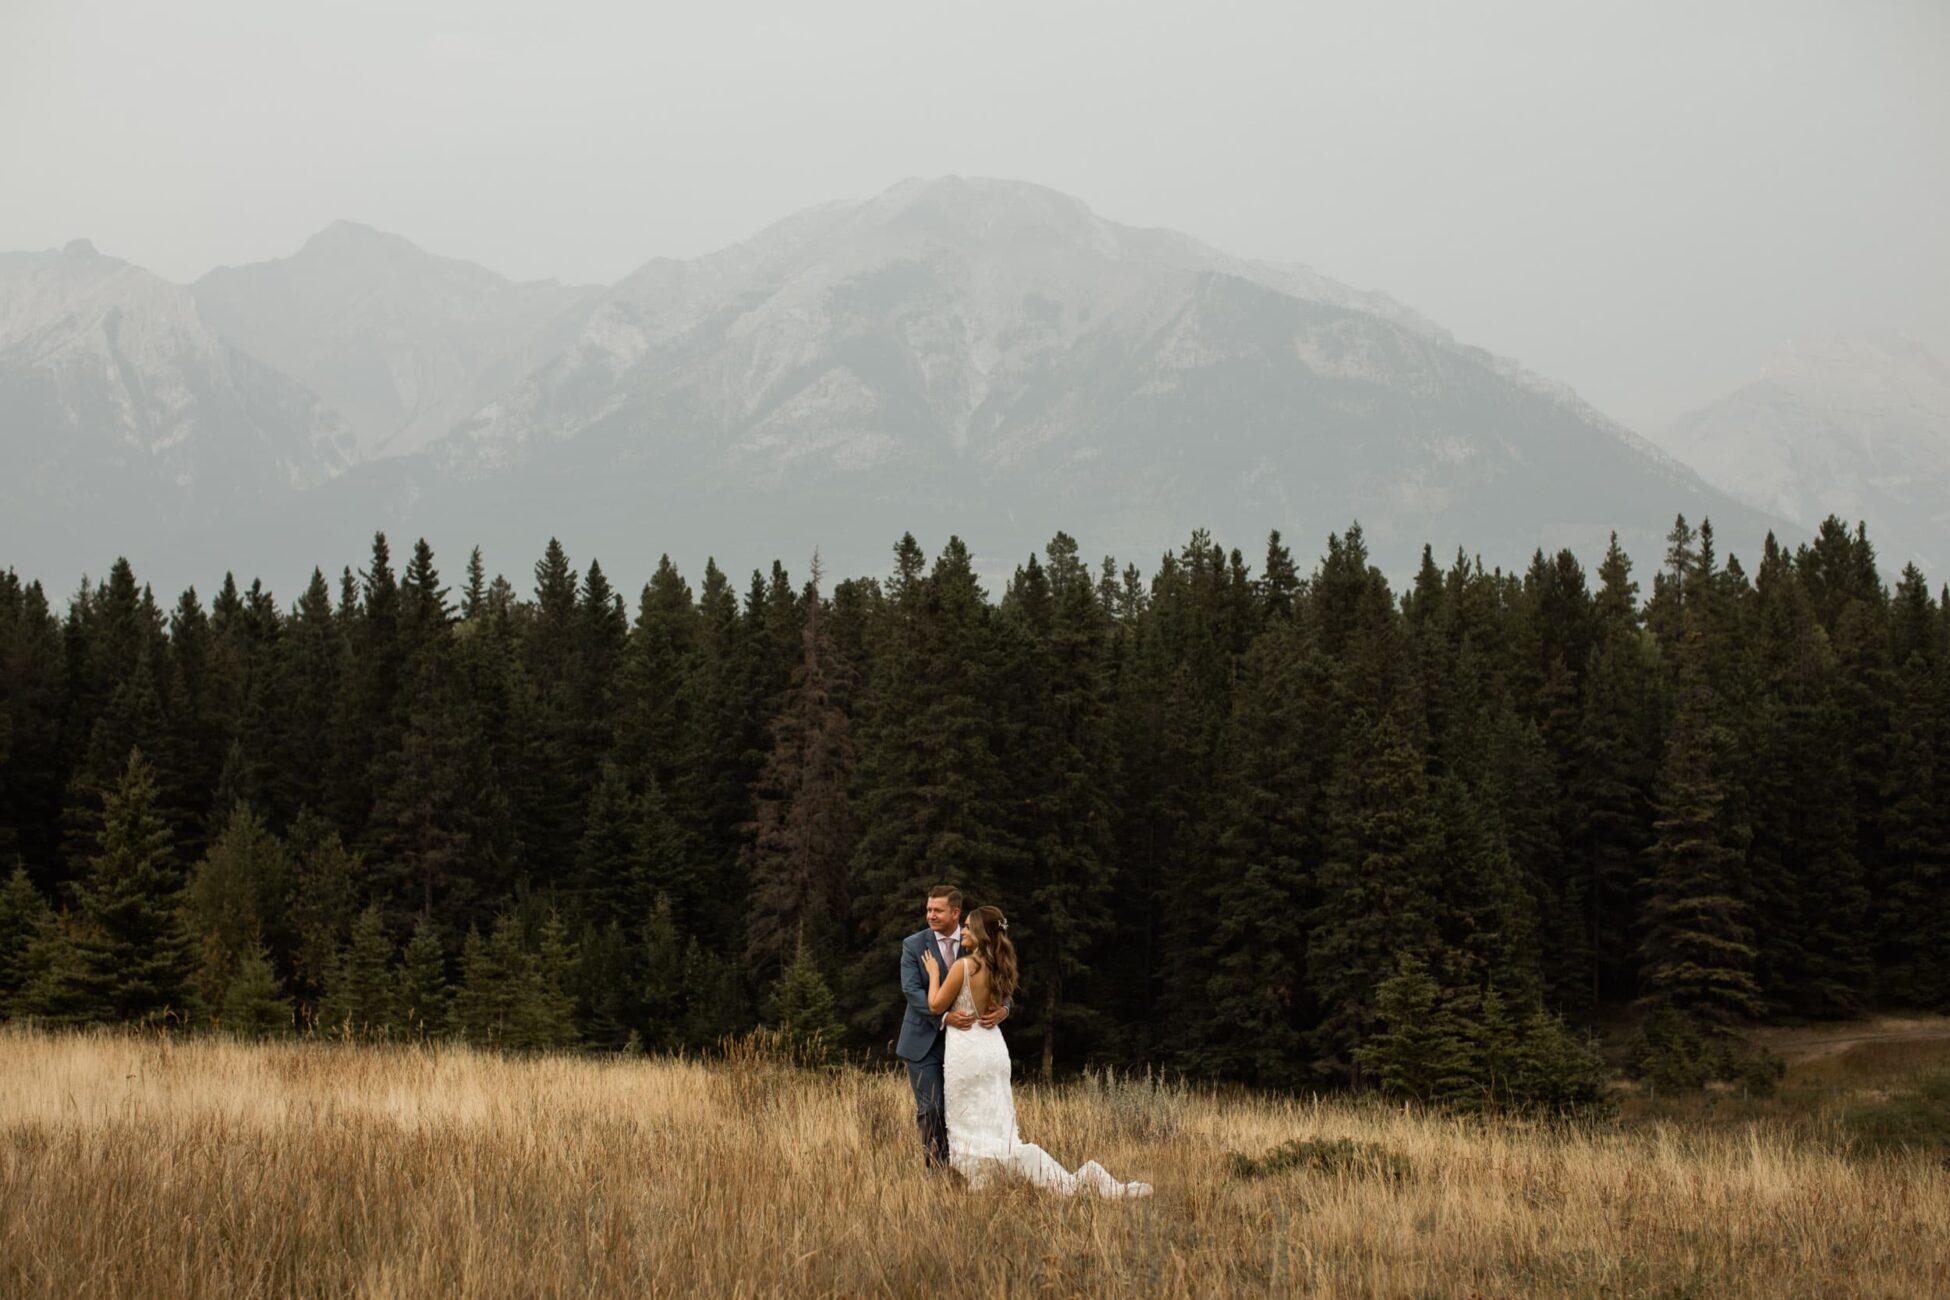 canmore wedding at Silvertip Resort